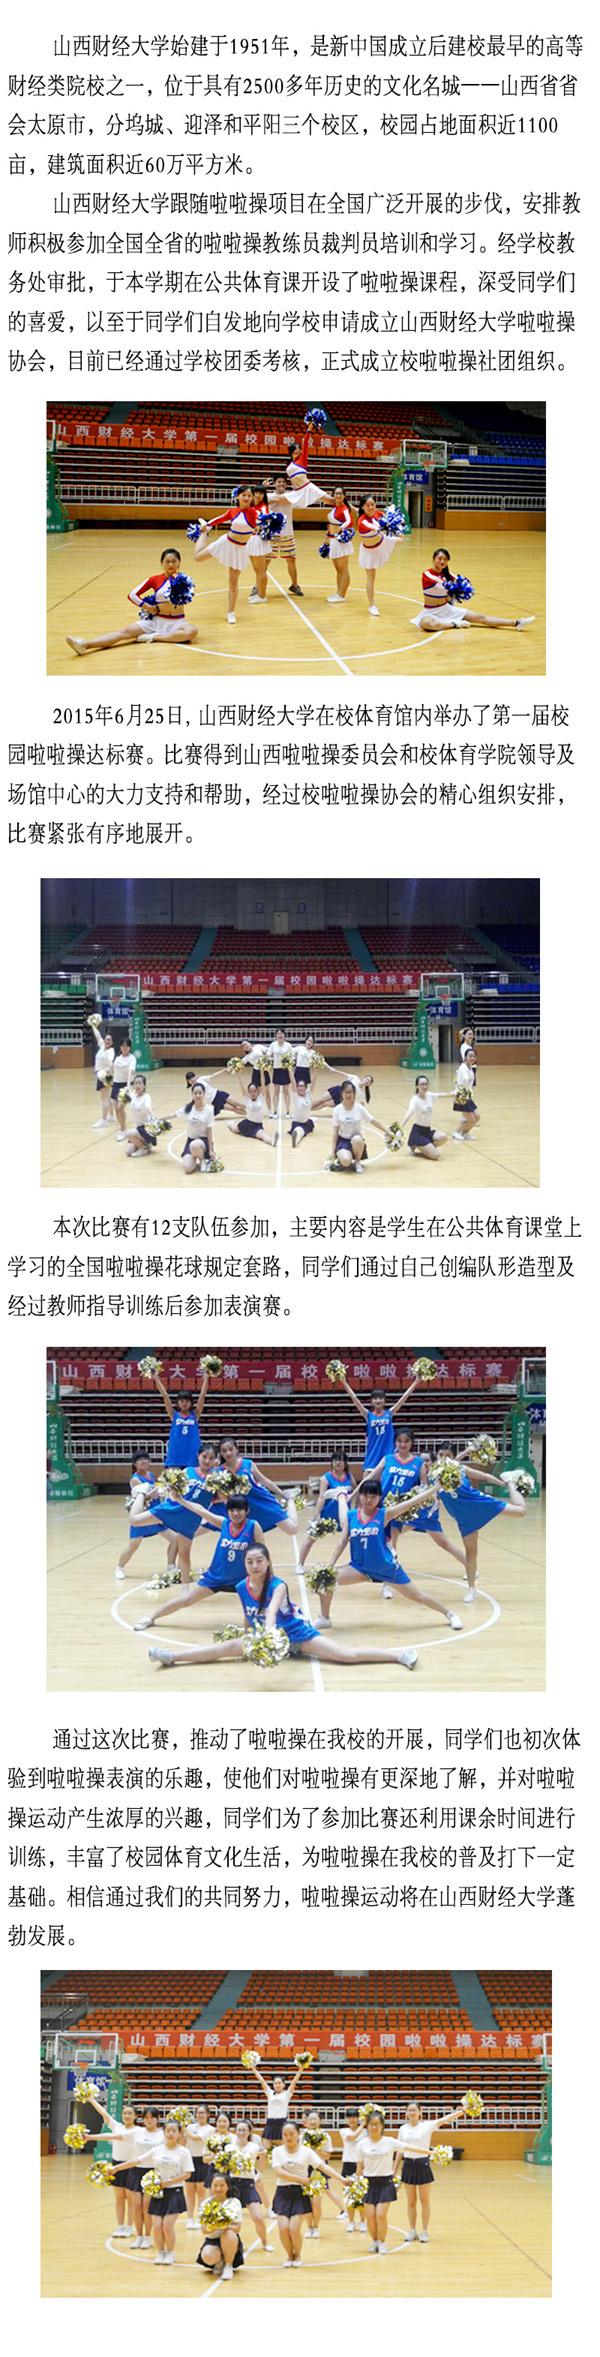 山西财经大学第一届校园啦啦操达标赛成功举行插图